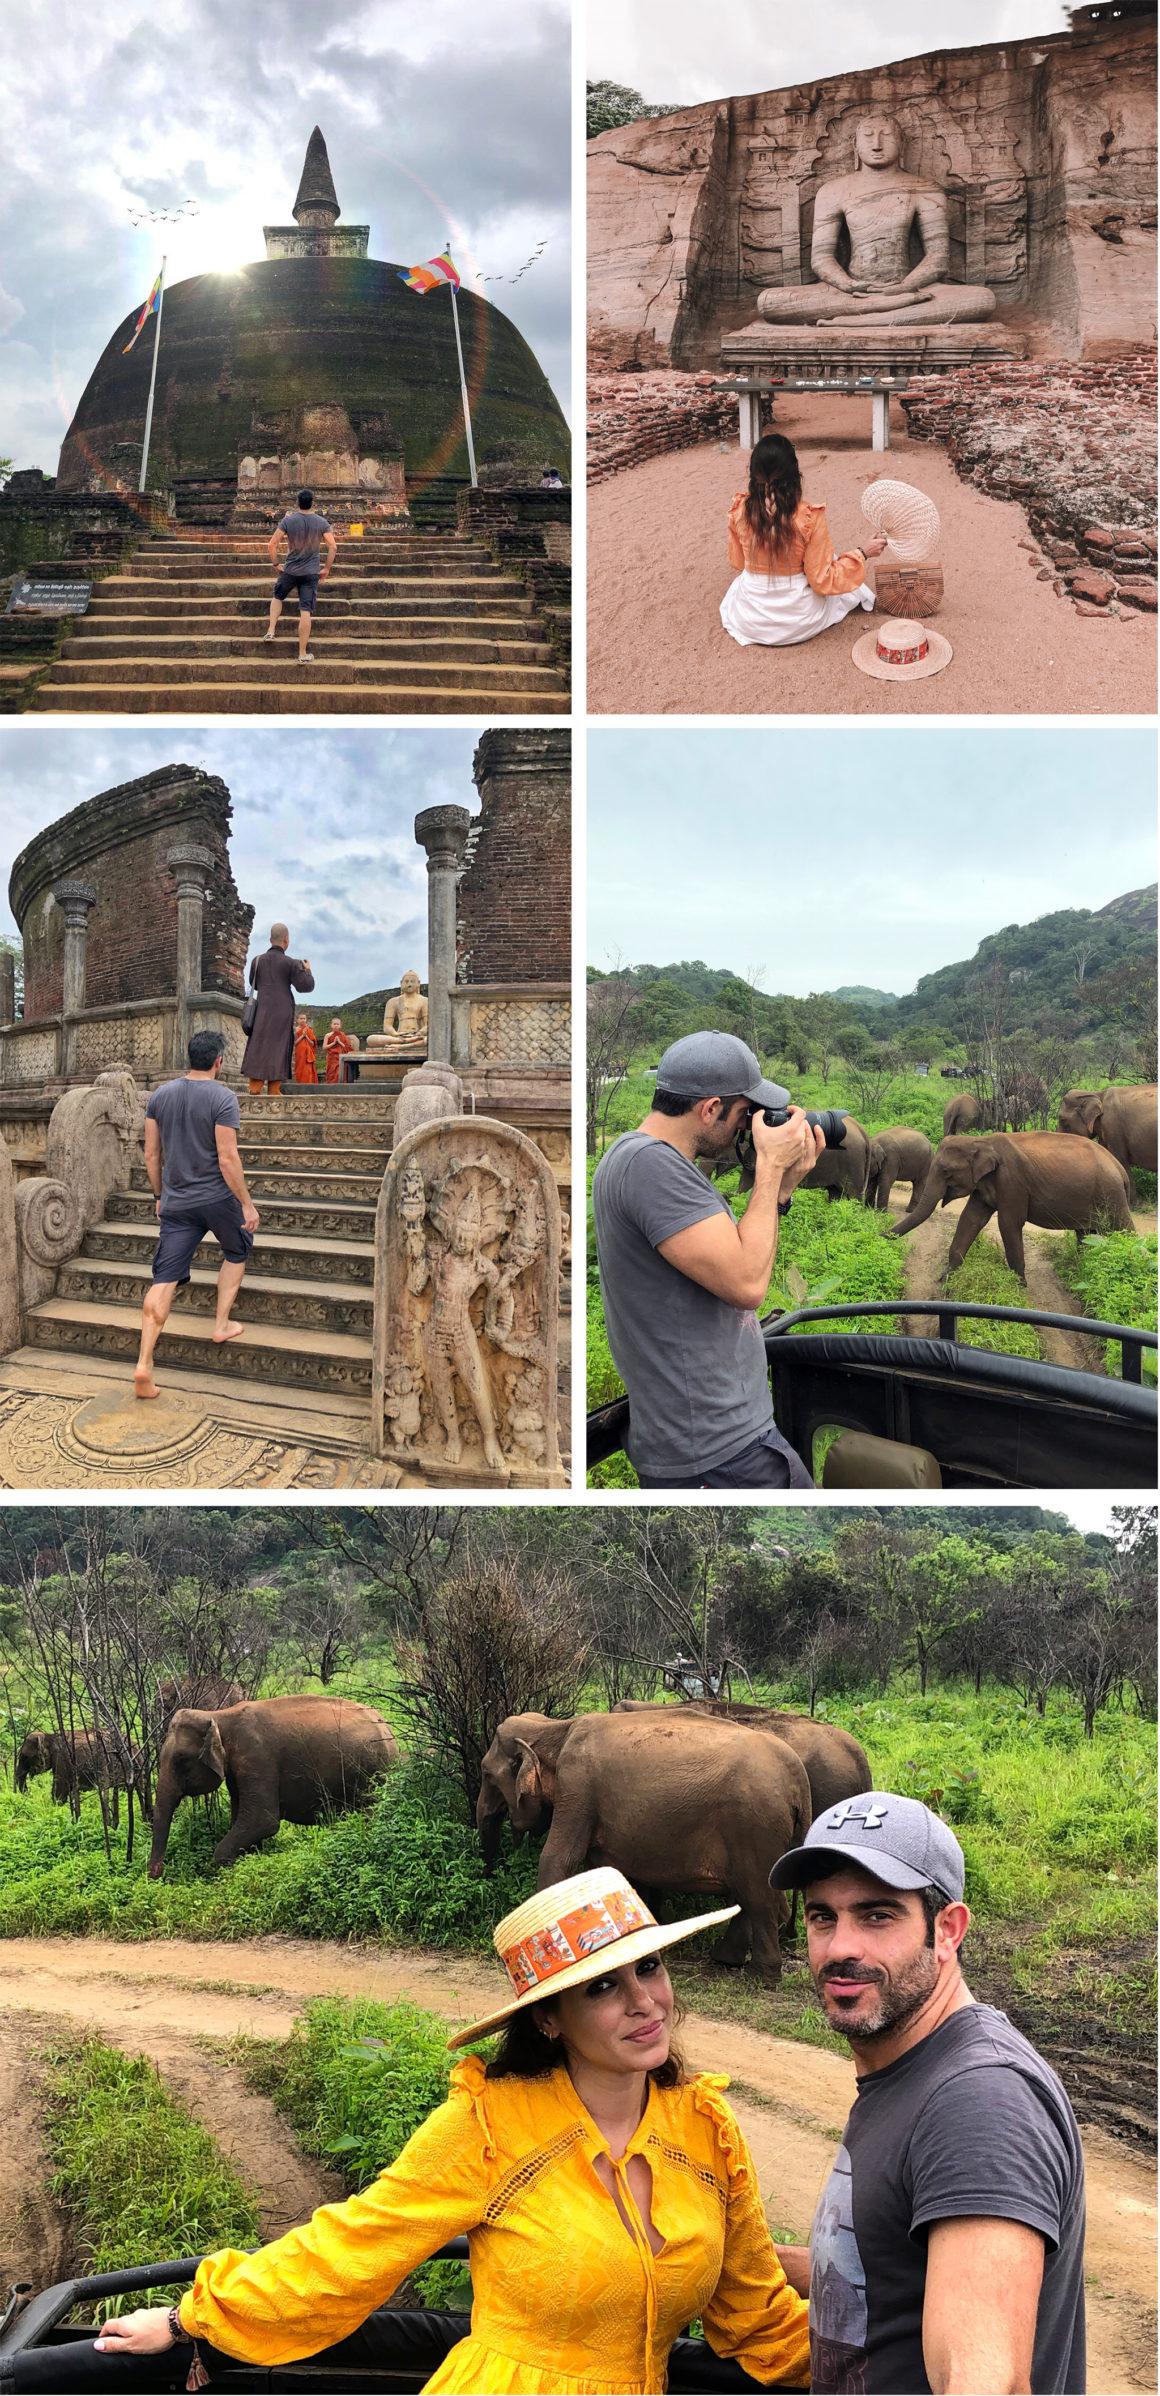 ruta por Sri Lanka en 8 días ruta por sri lanka en 8 días - thewotme polonnaruwa minneriya elefantes sri lanka 1160x2396 - Nuestra ruta por Sri Lanka en 8 días, diario de viaje